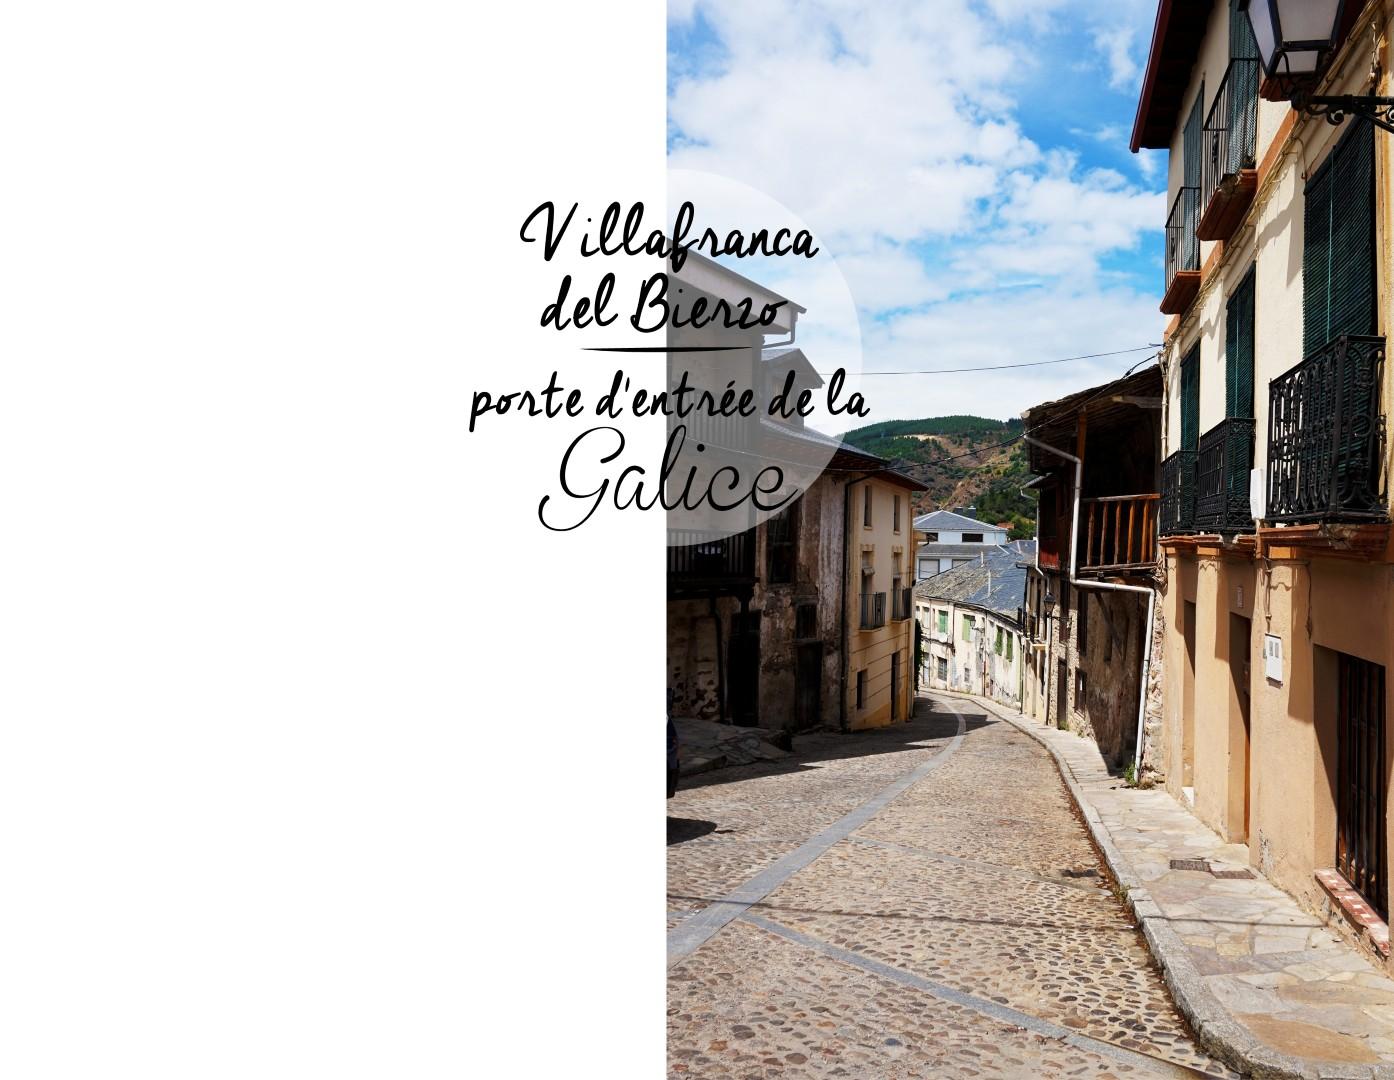 Sur les routes de Galice - Villafranca del Bierzo